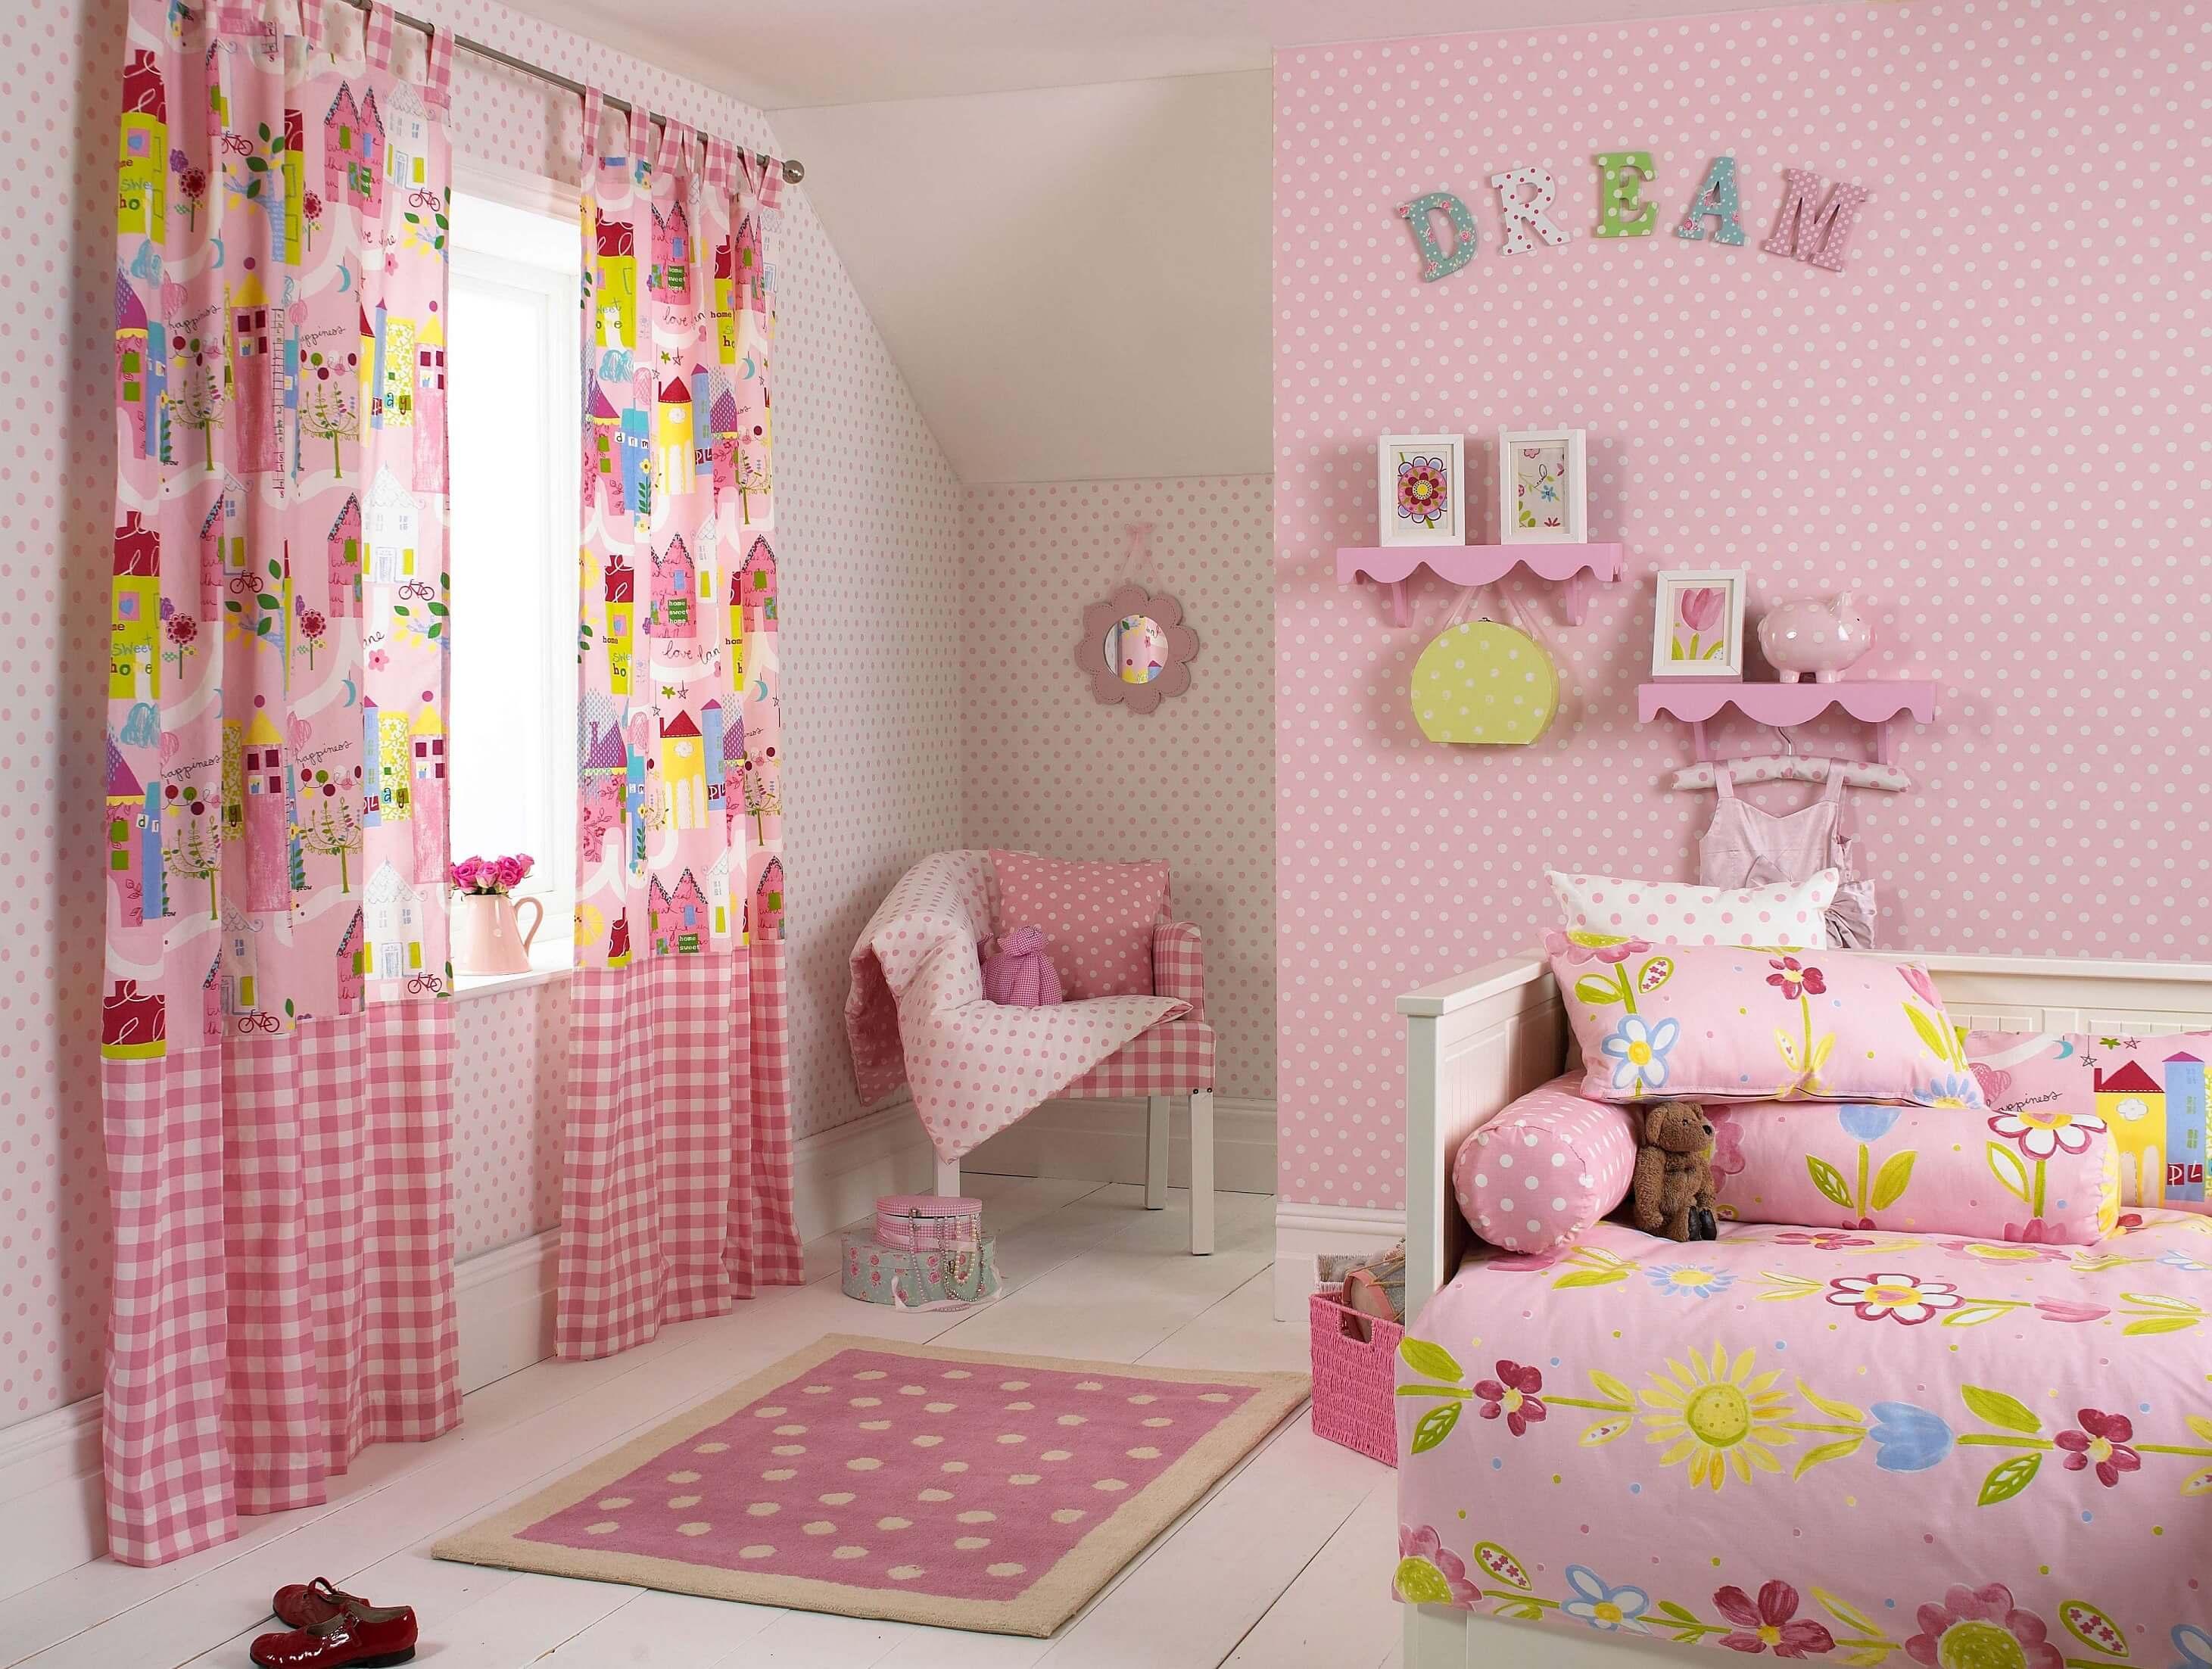 Mooie meisjes slaapkamer inrichten tips inspiratie wiki wonen - Tiener slaapkamer ideeen ...